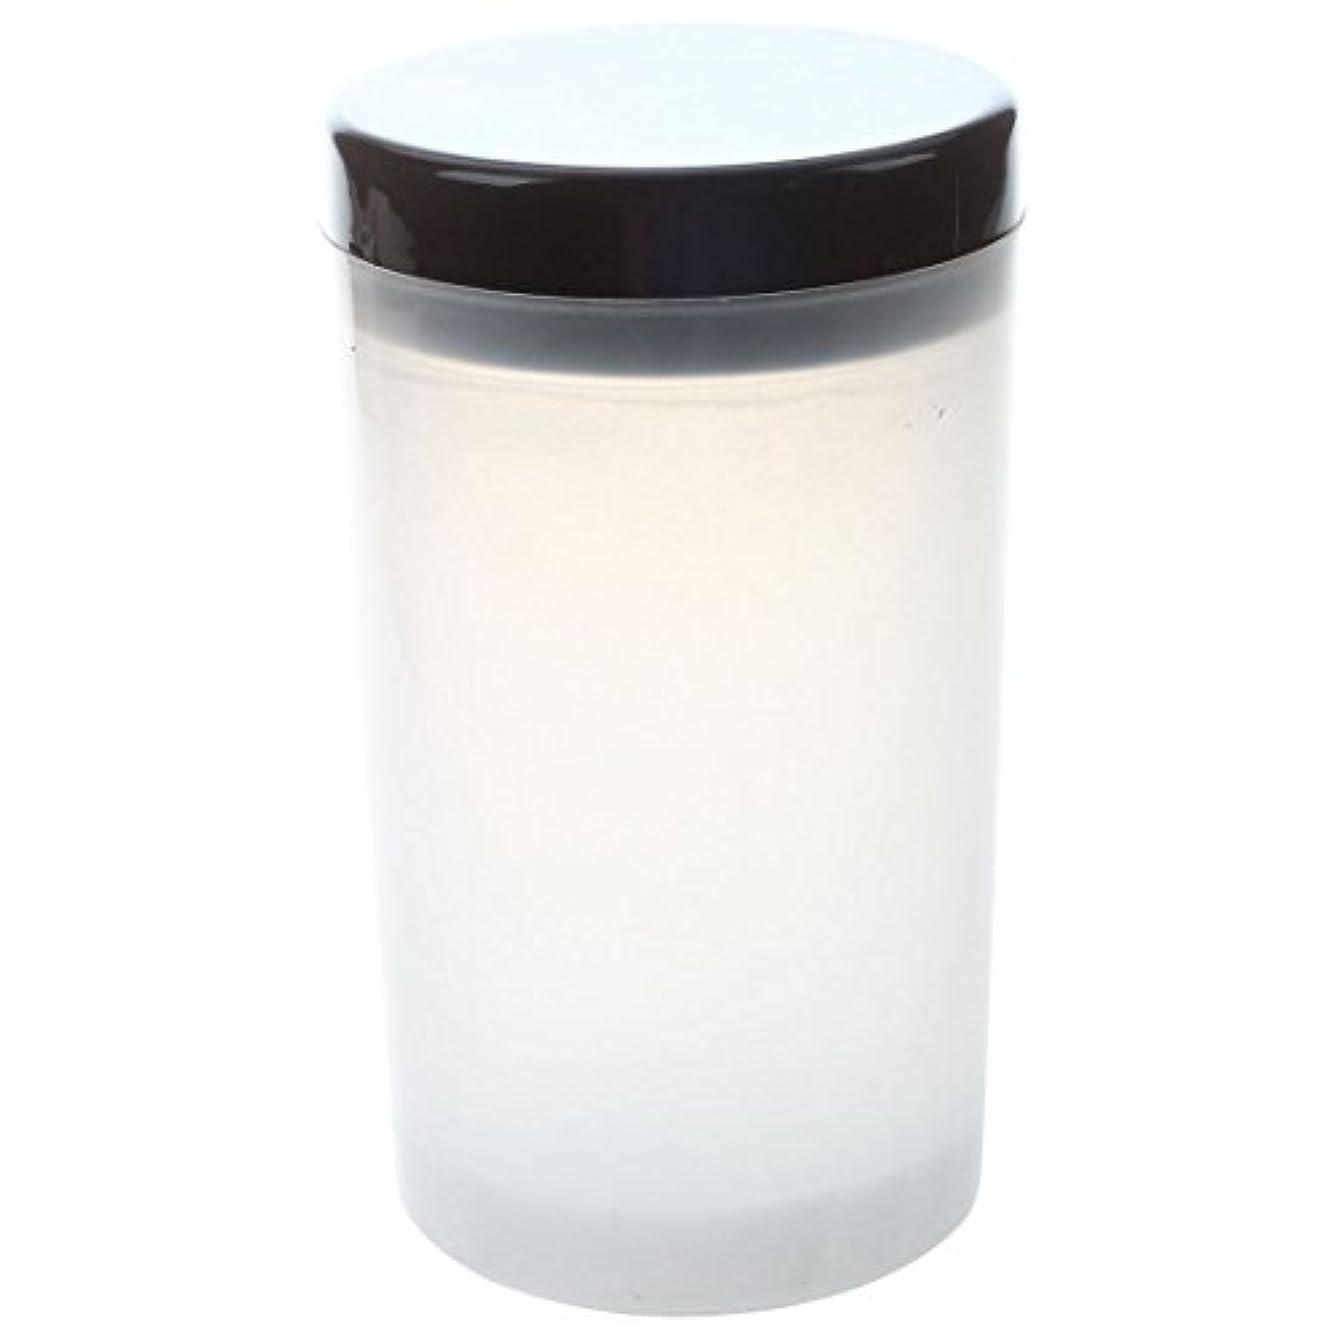 成功マントル悪化させるACAMPTAR ネイルアートチップブラシホルダー リムーバーカップカップ浸漬ブラシ クリーナーボトル